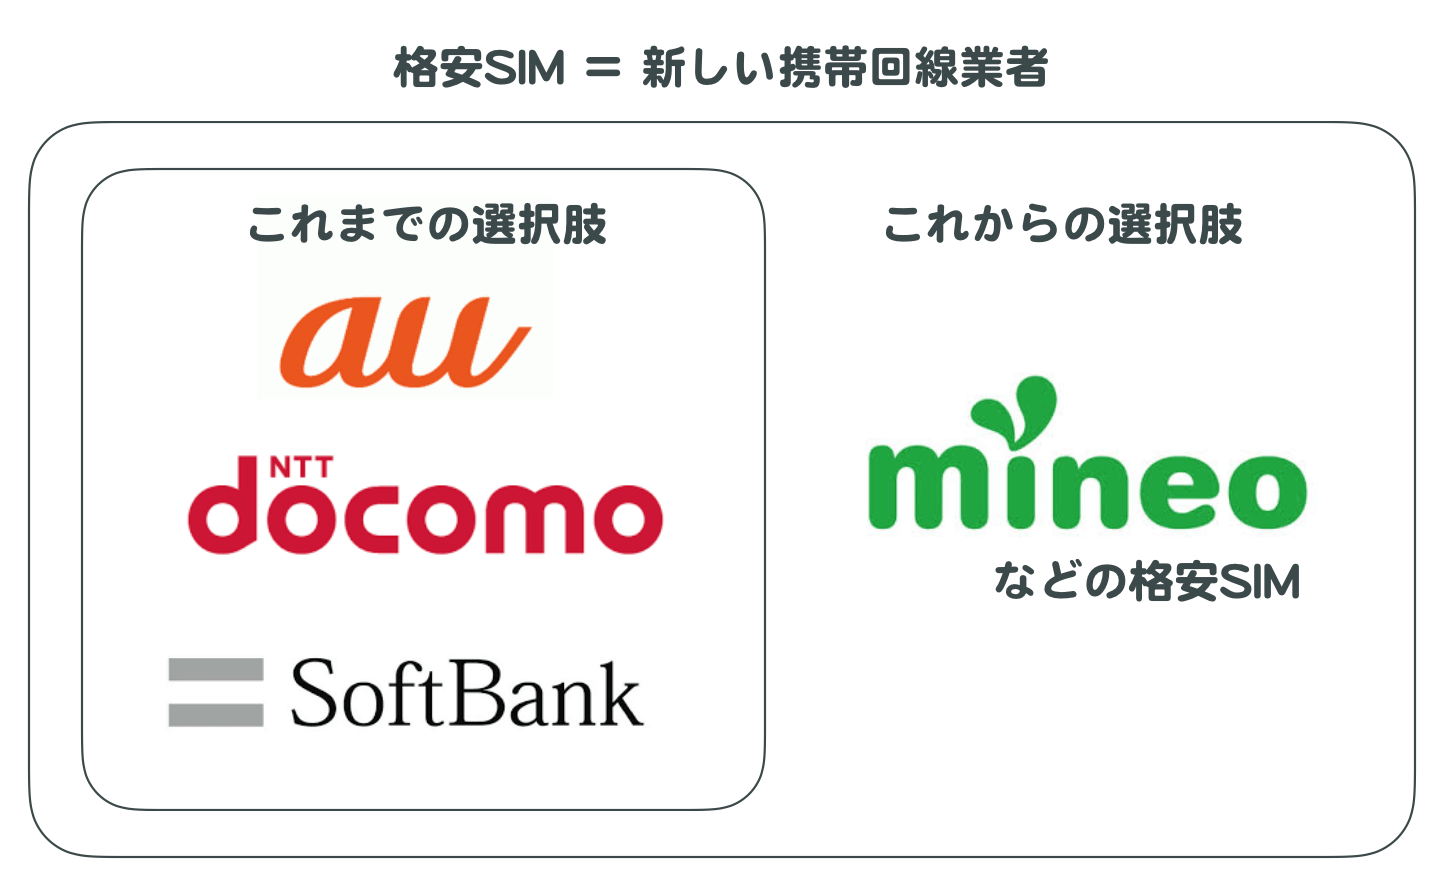 格安SIM=新しい携帯回線業者 これまでの選択肢がau/docomo/Softbankなのに対し、これからの選択肢にはmineoなどの格安SIMが増えた